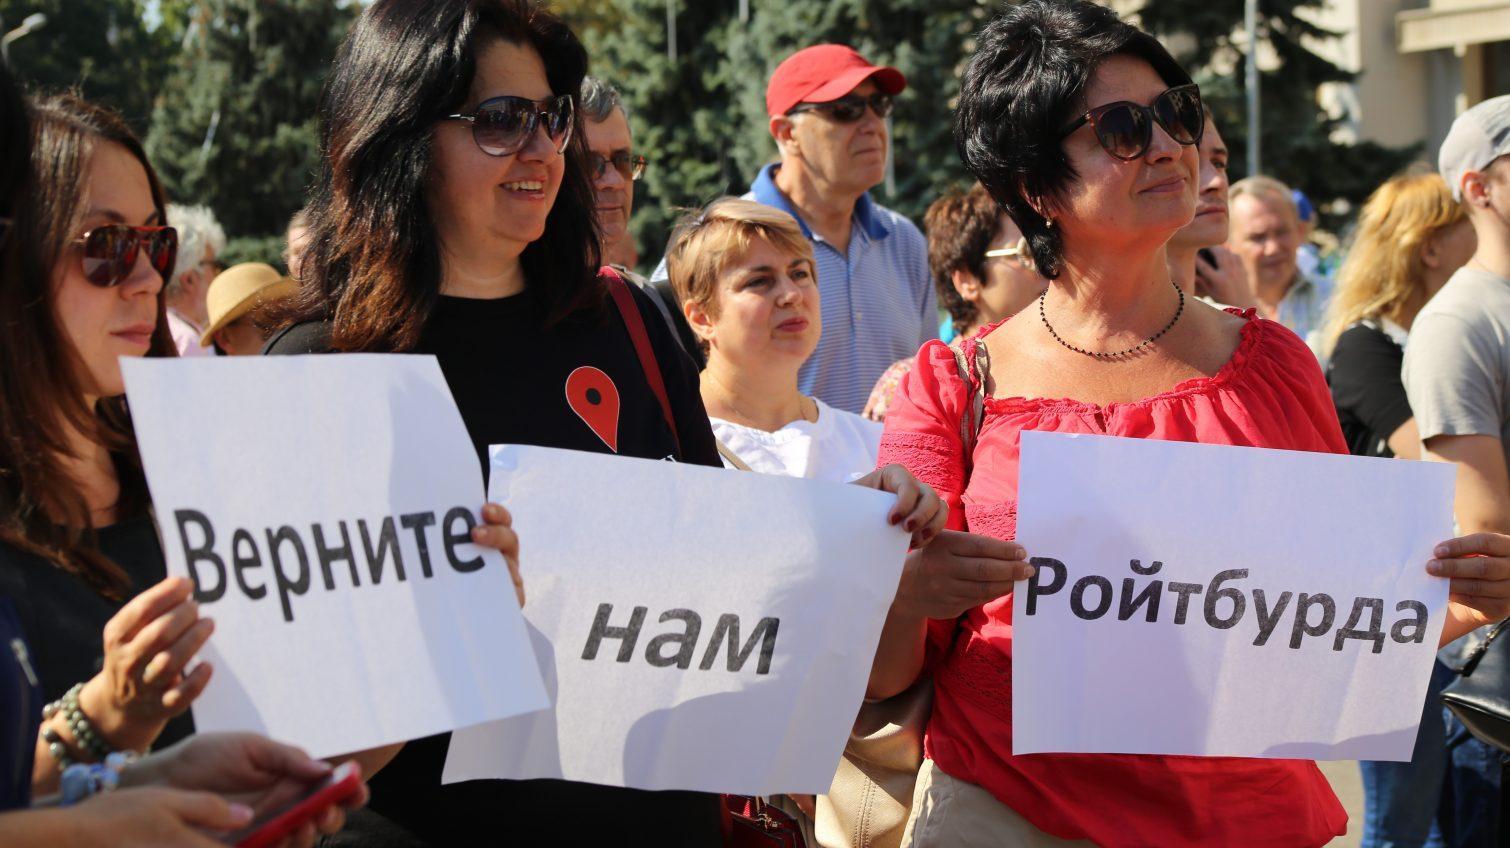 В Одессе создали петицию к Президенту Украины – восстановить Александра Ройтбурда на посту директора музея «фото»